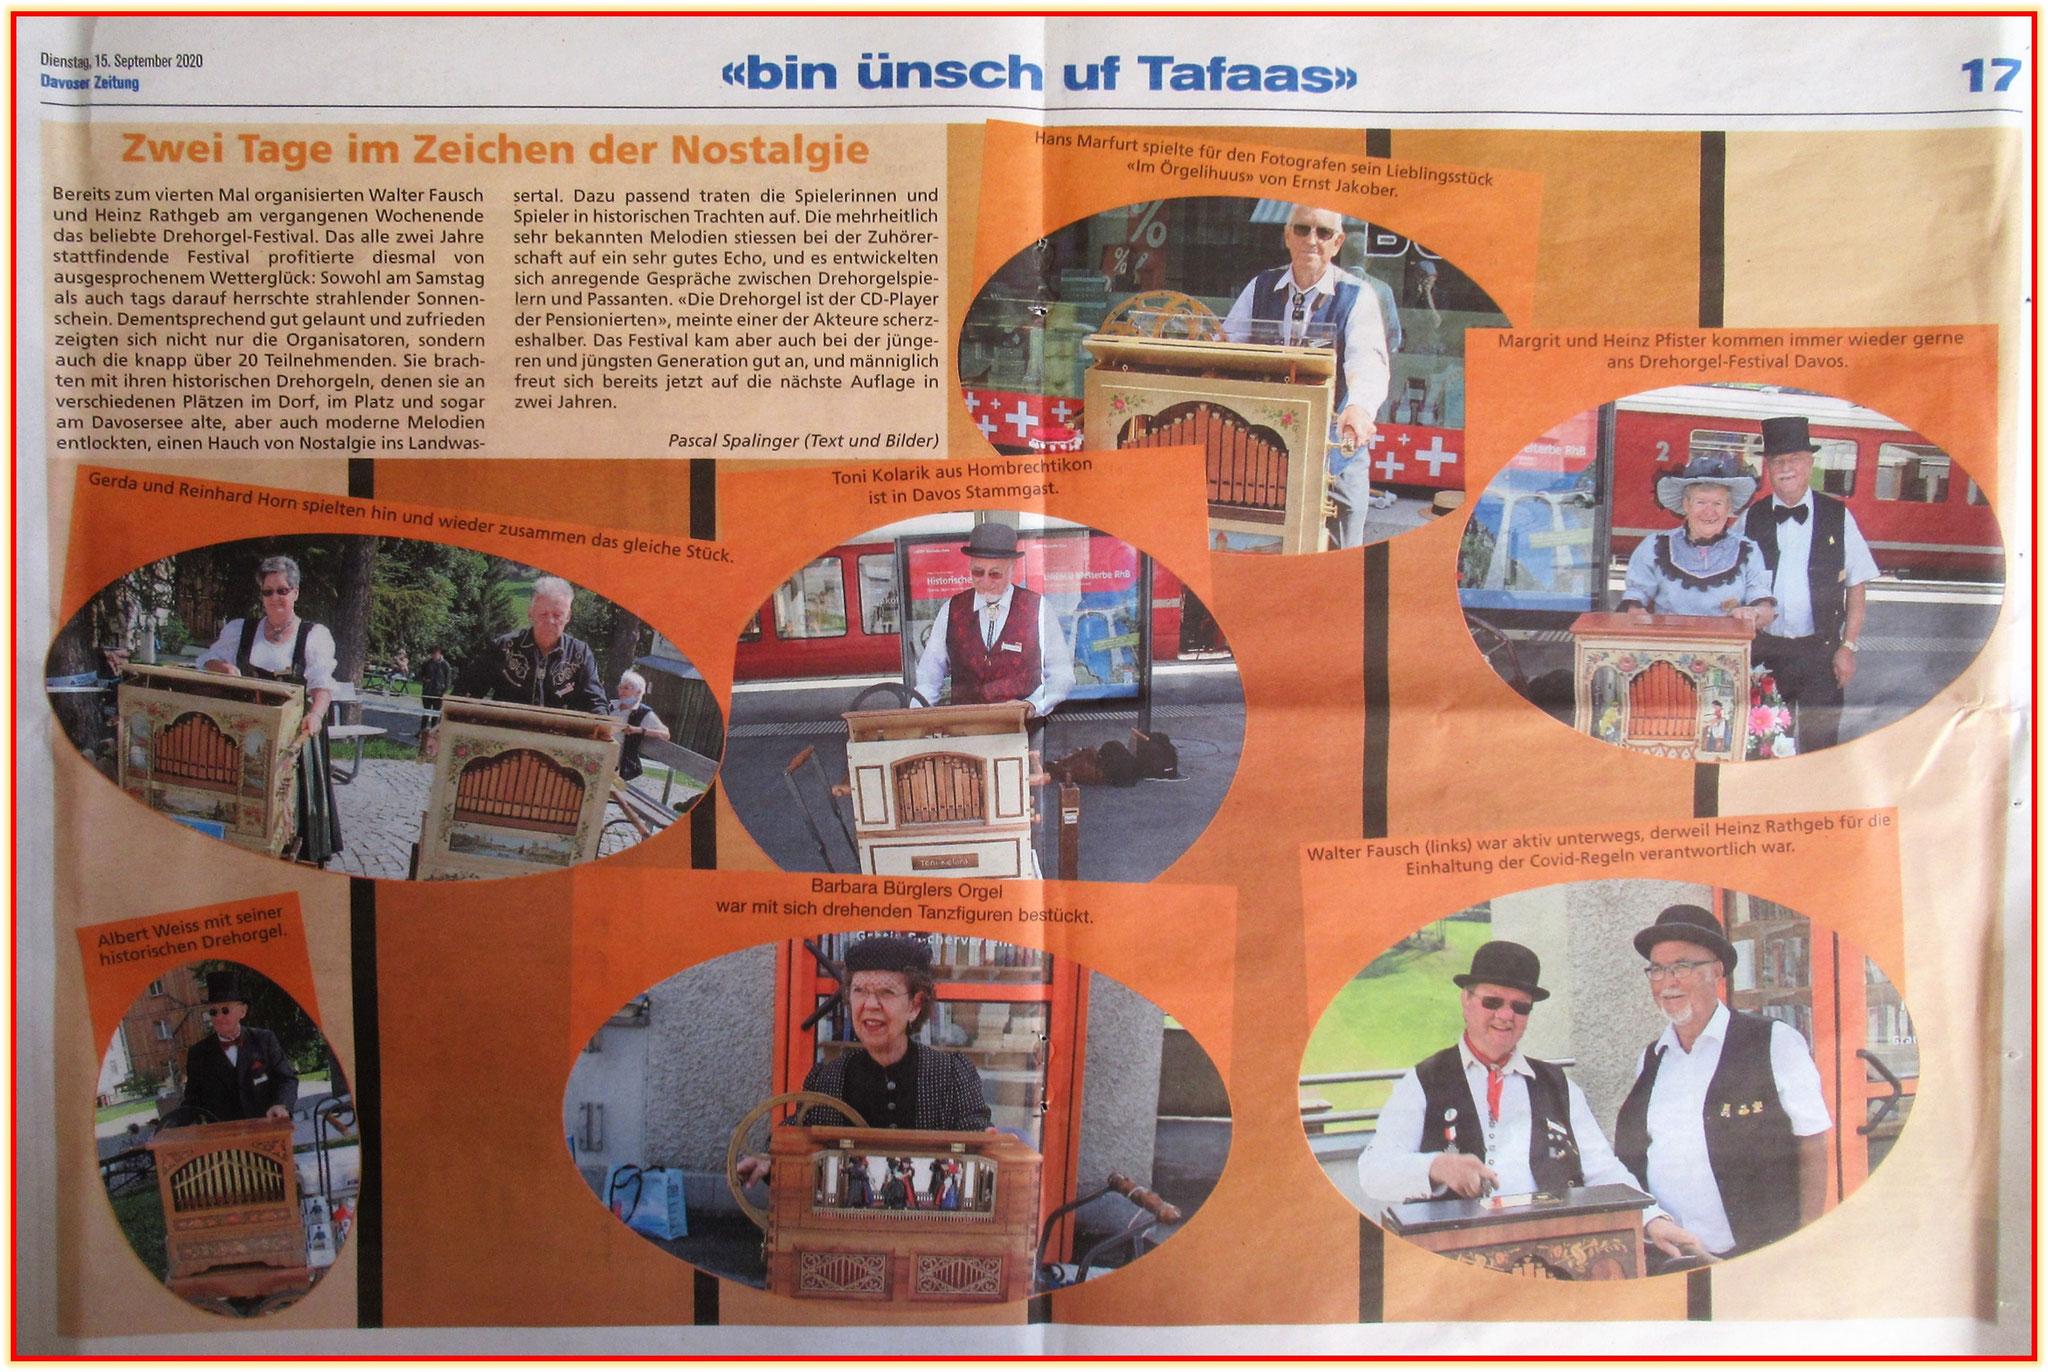 Der Bericht in der Davoser Zeitung